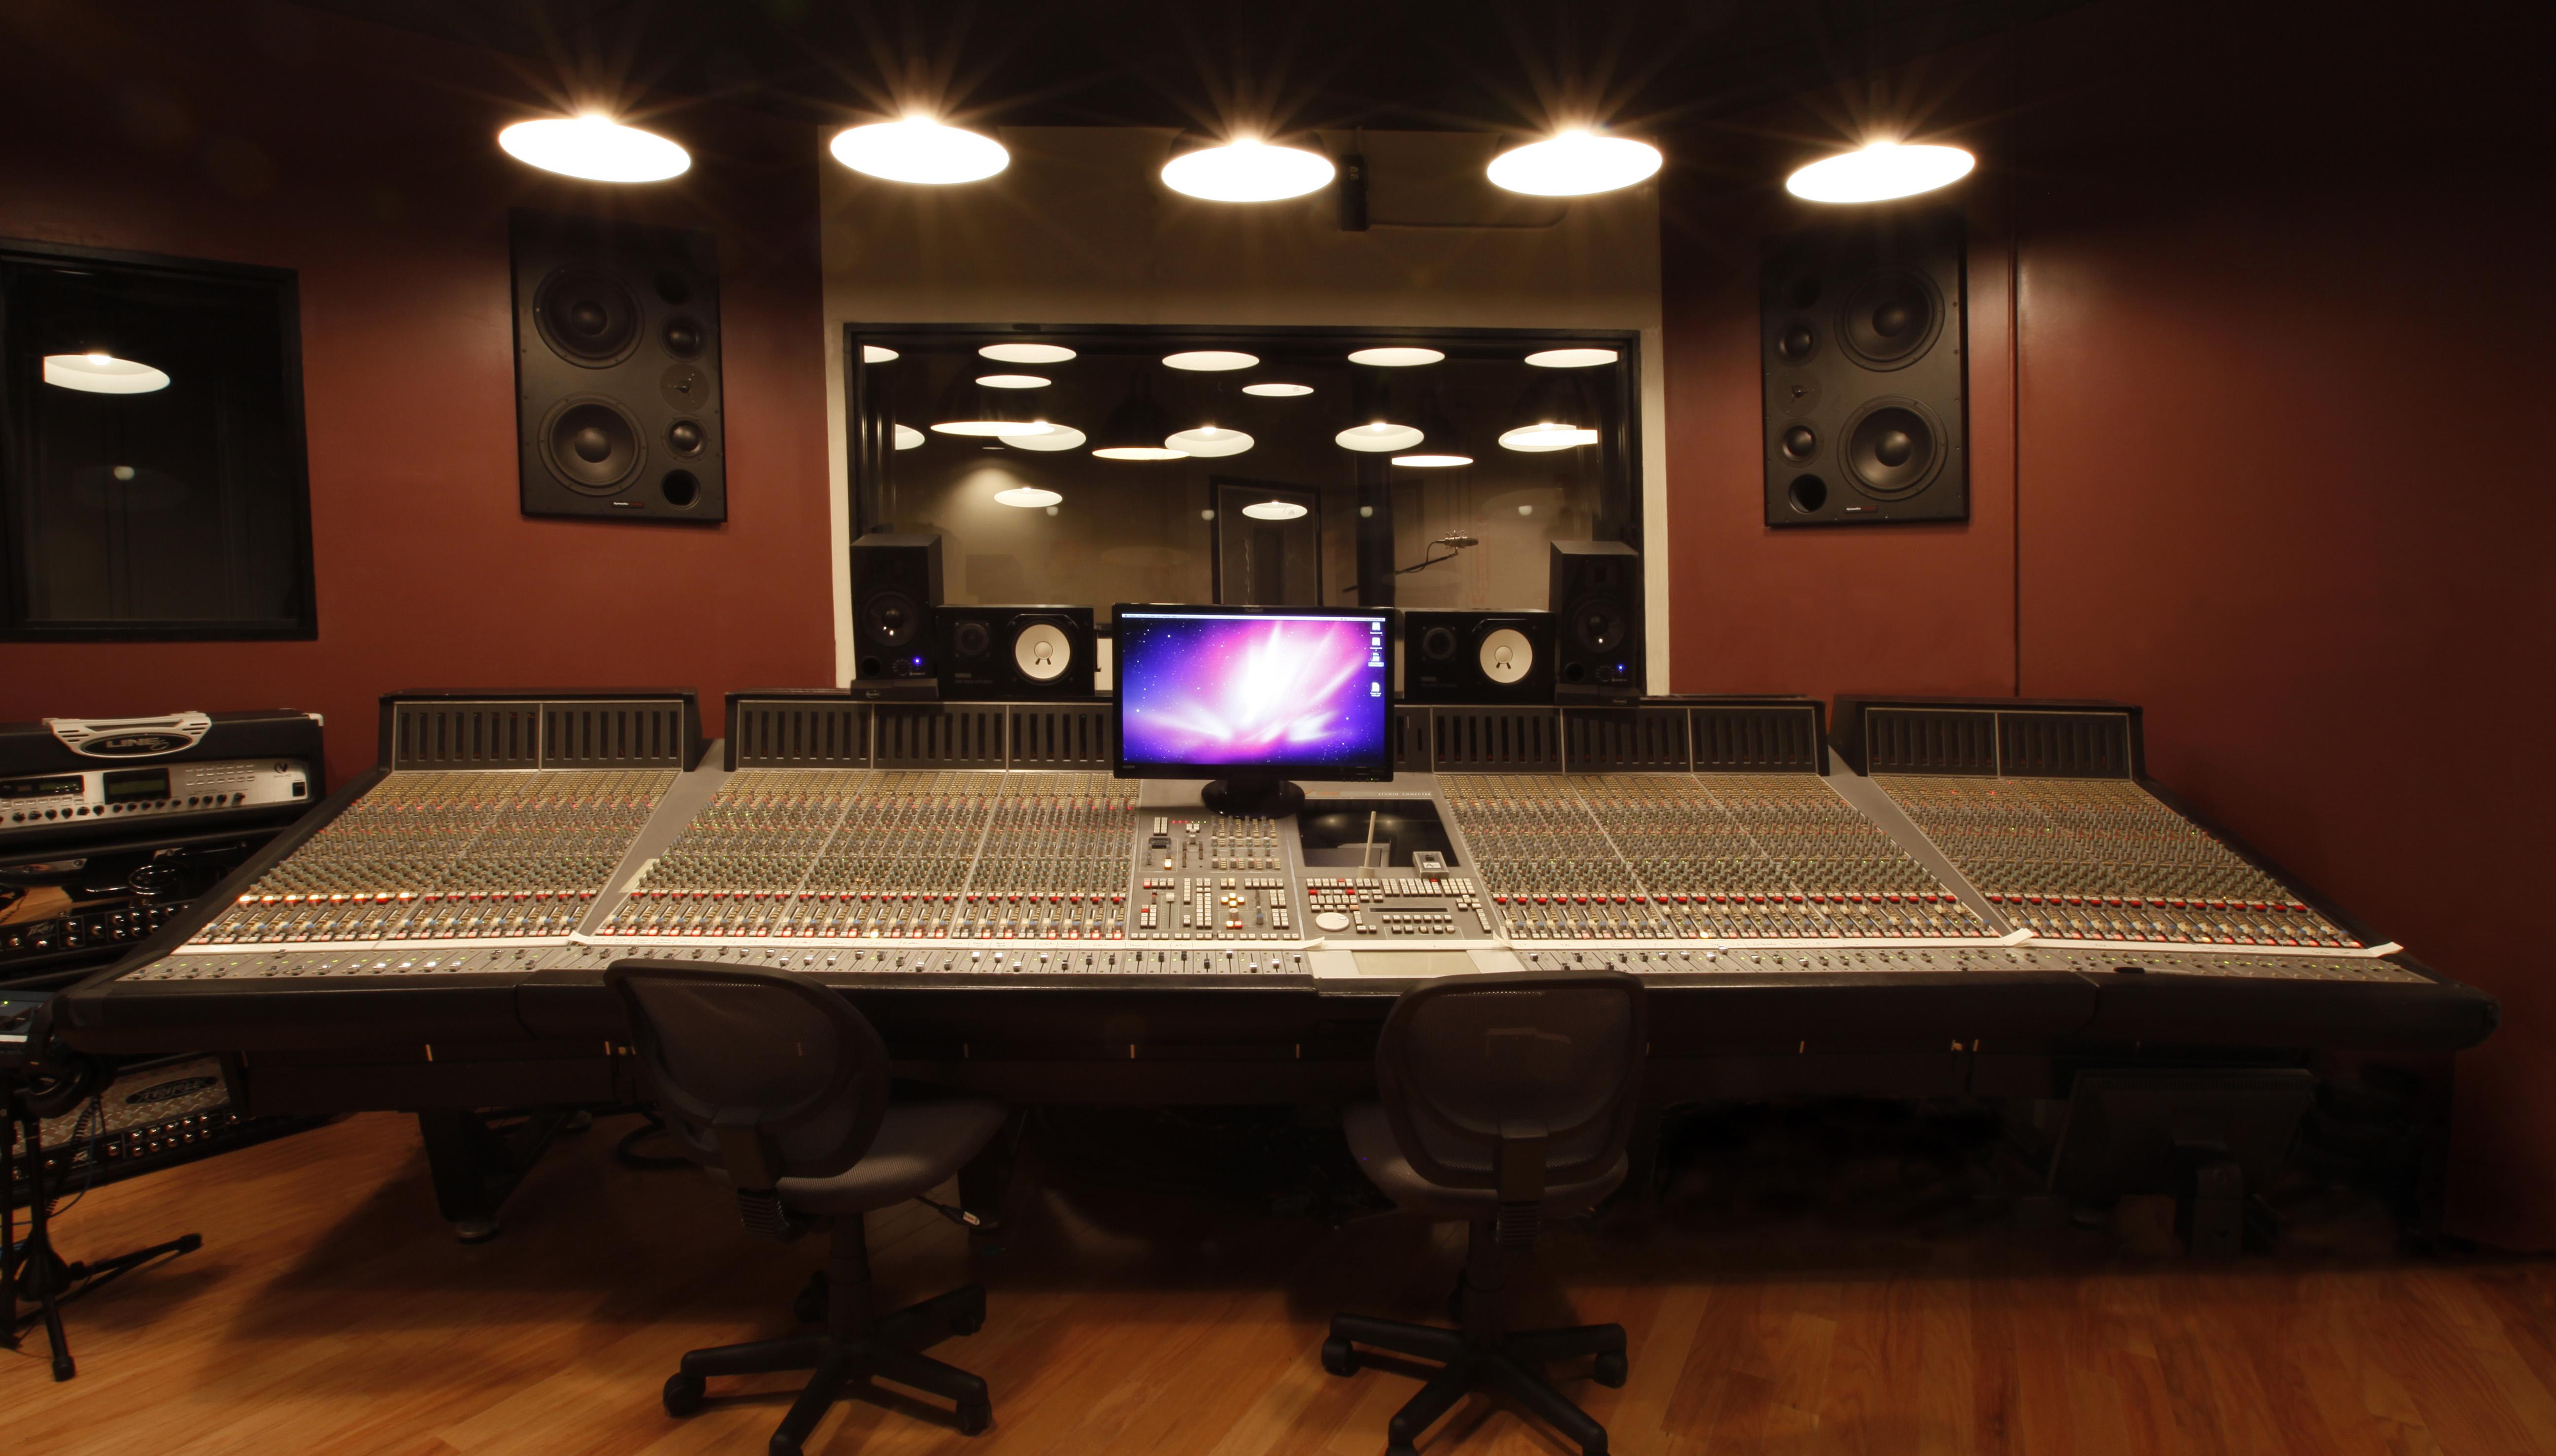 Music Recording Studio HD Wallpaper - WallpaperSafari